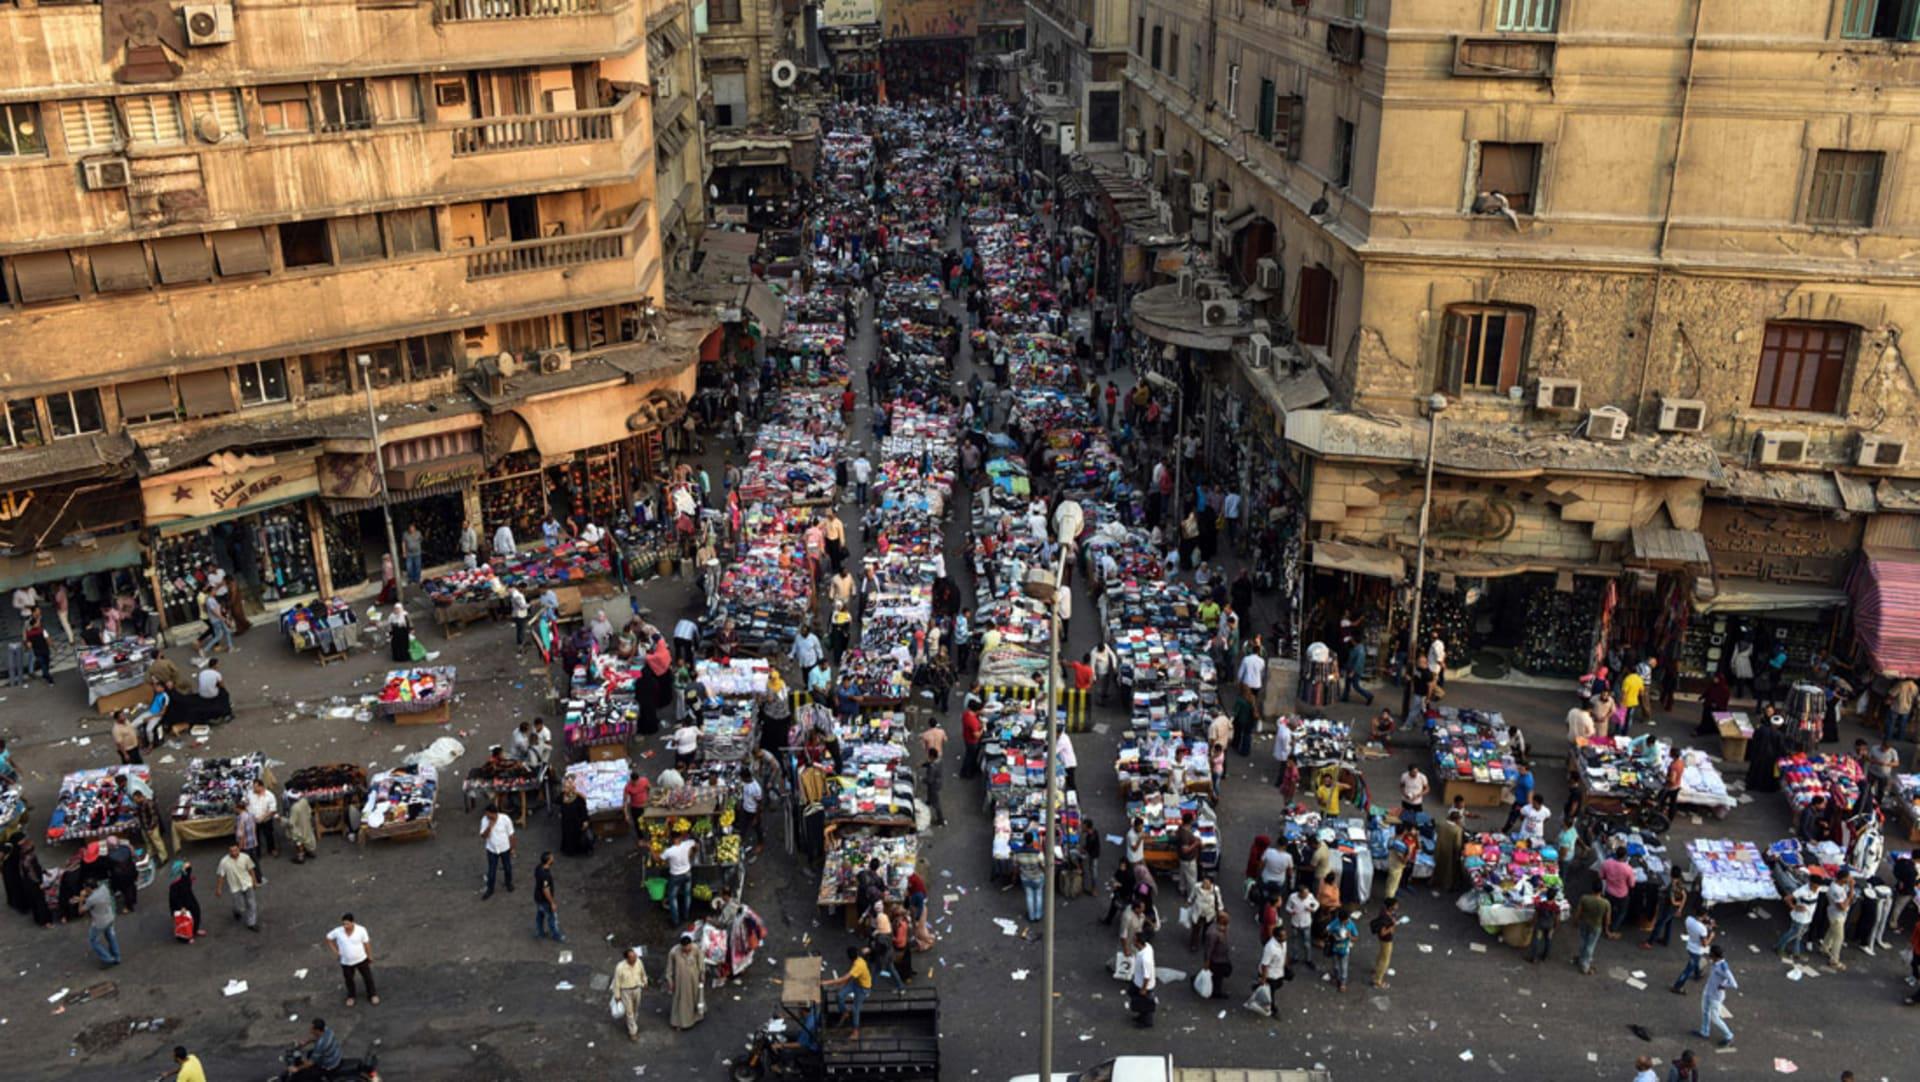 صفوت قابل يكتب: طوفان زيادة الأسعار في مصر لن يتوقف.. ولابد من تحرير الأجور